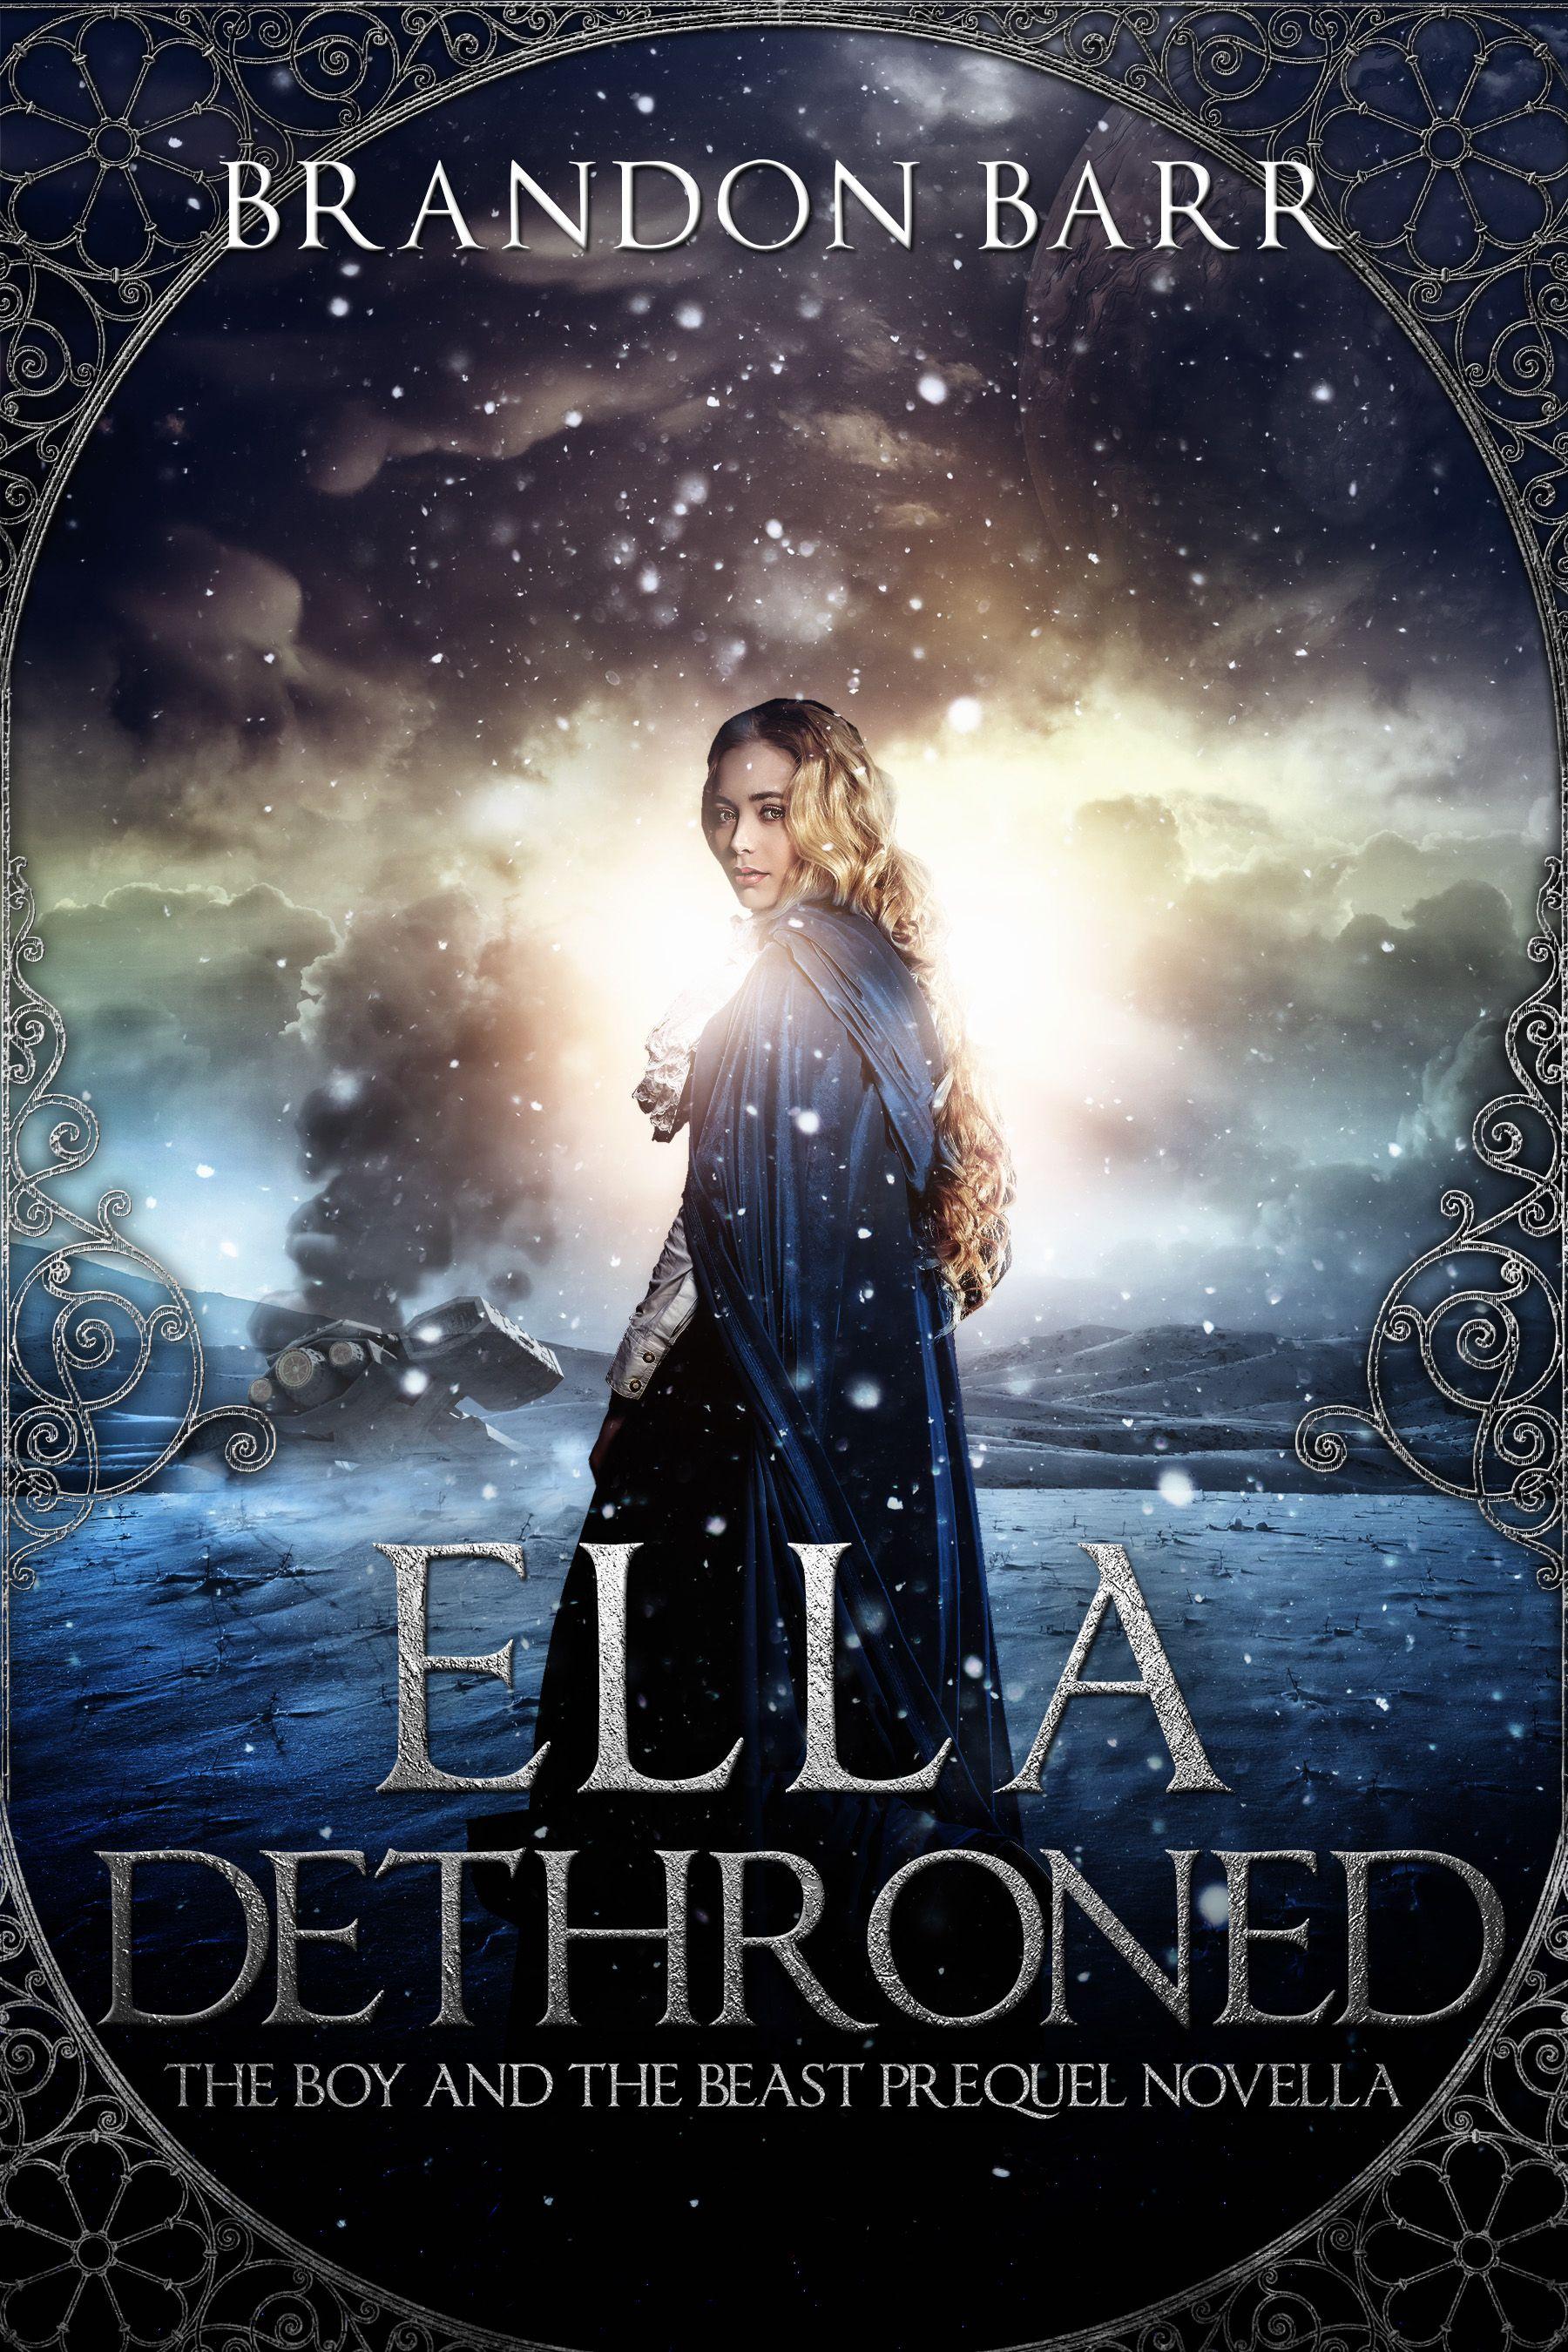 Book Cover Portadas Historicas : Fantasy fiction book cover design by milo deranged